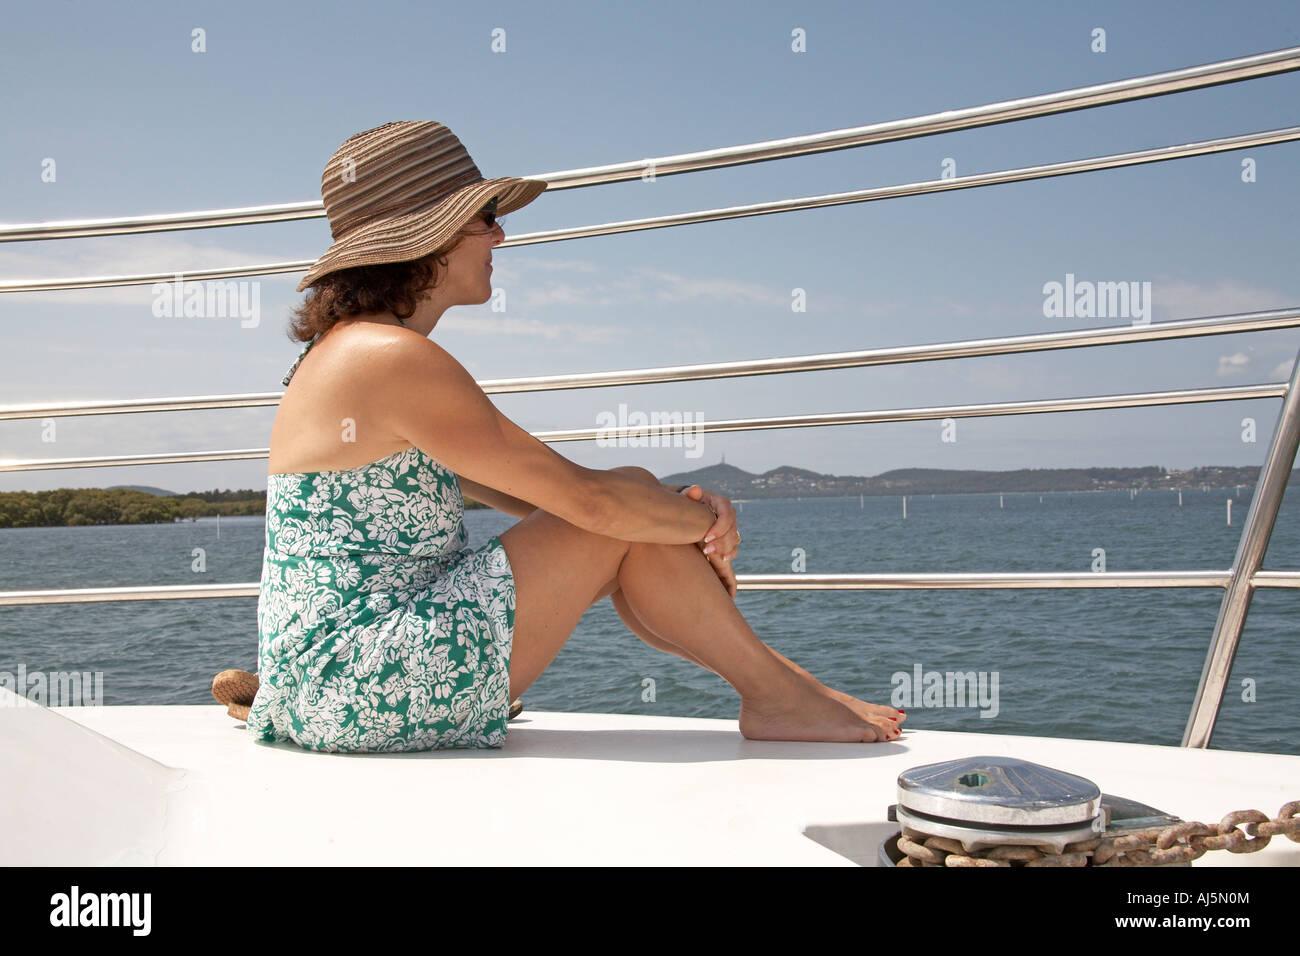 Vestito Fiorito Immagini e Fotos Stock Alamy